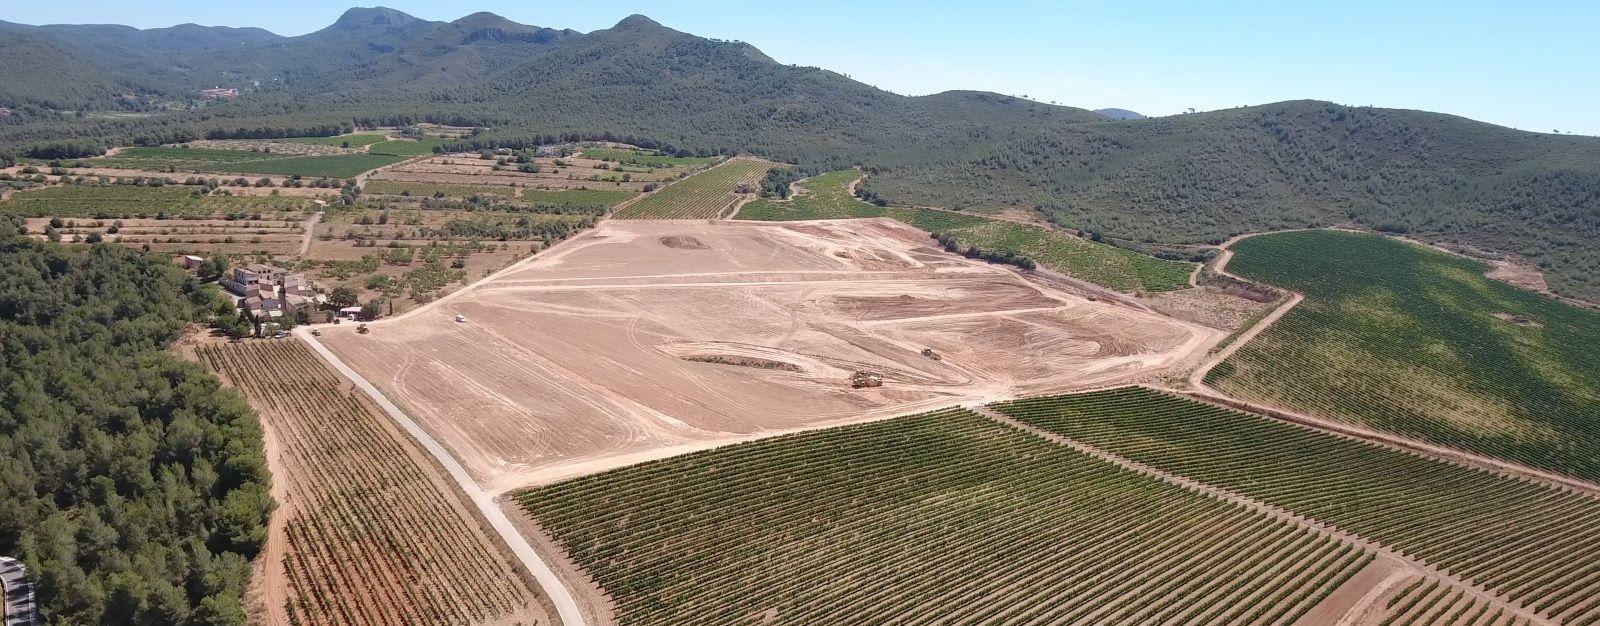 Empresas: Topcon: innovación en una empresa vinícola tradicional catalana | Autor del artículo: Finanzas.com